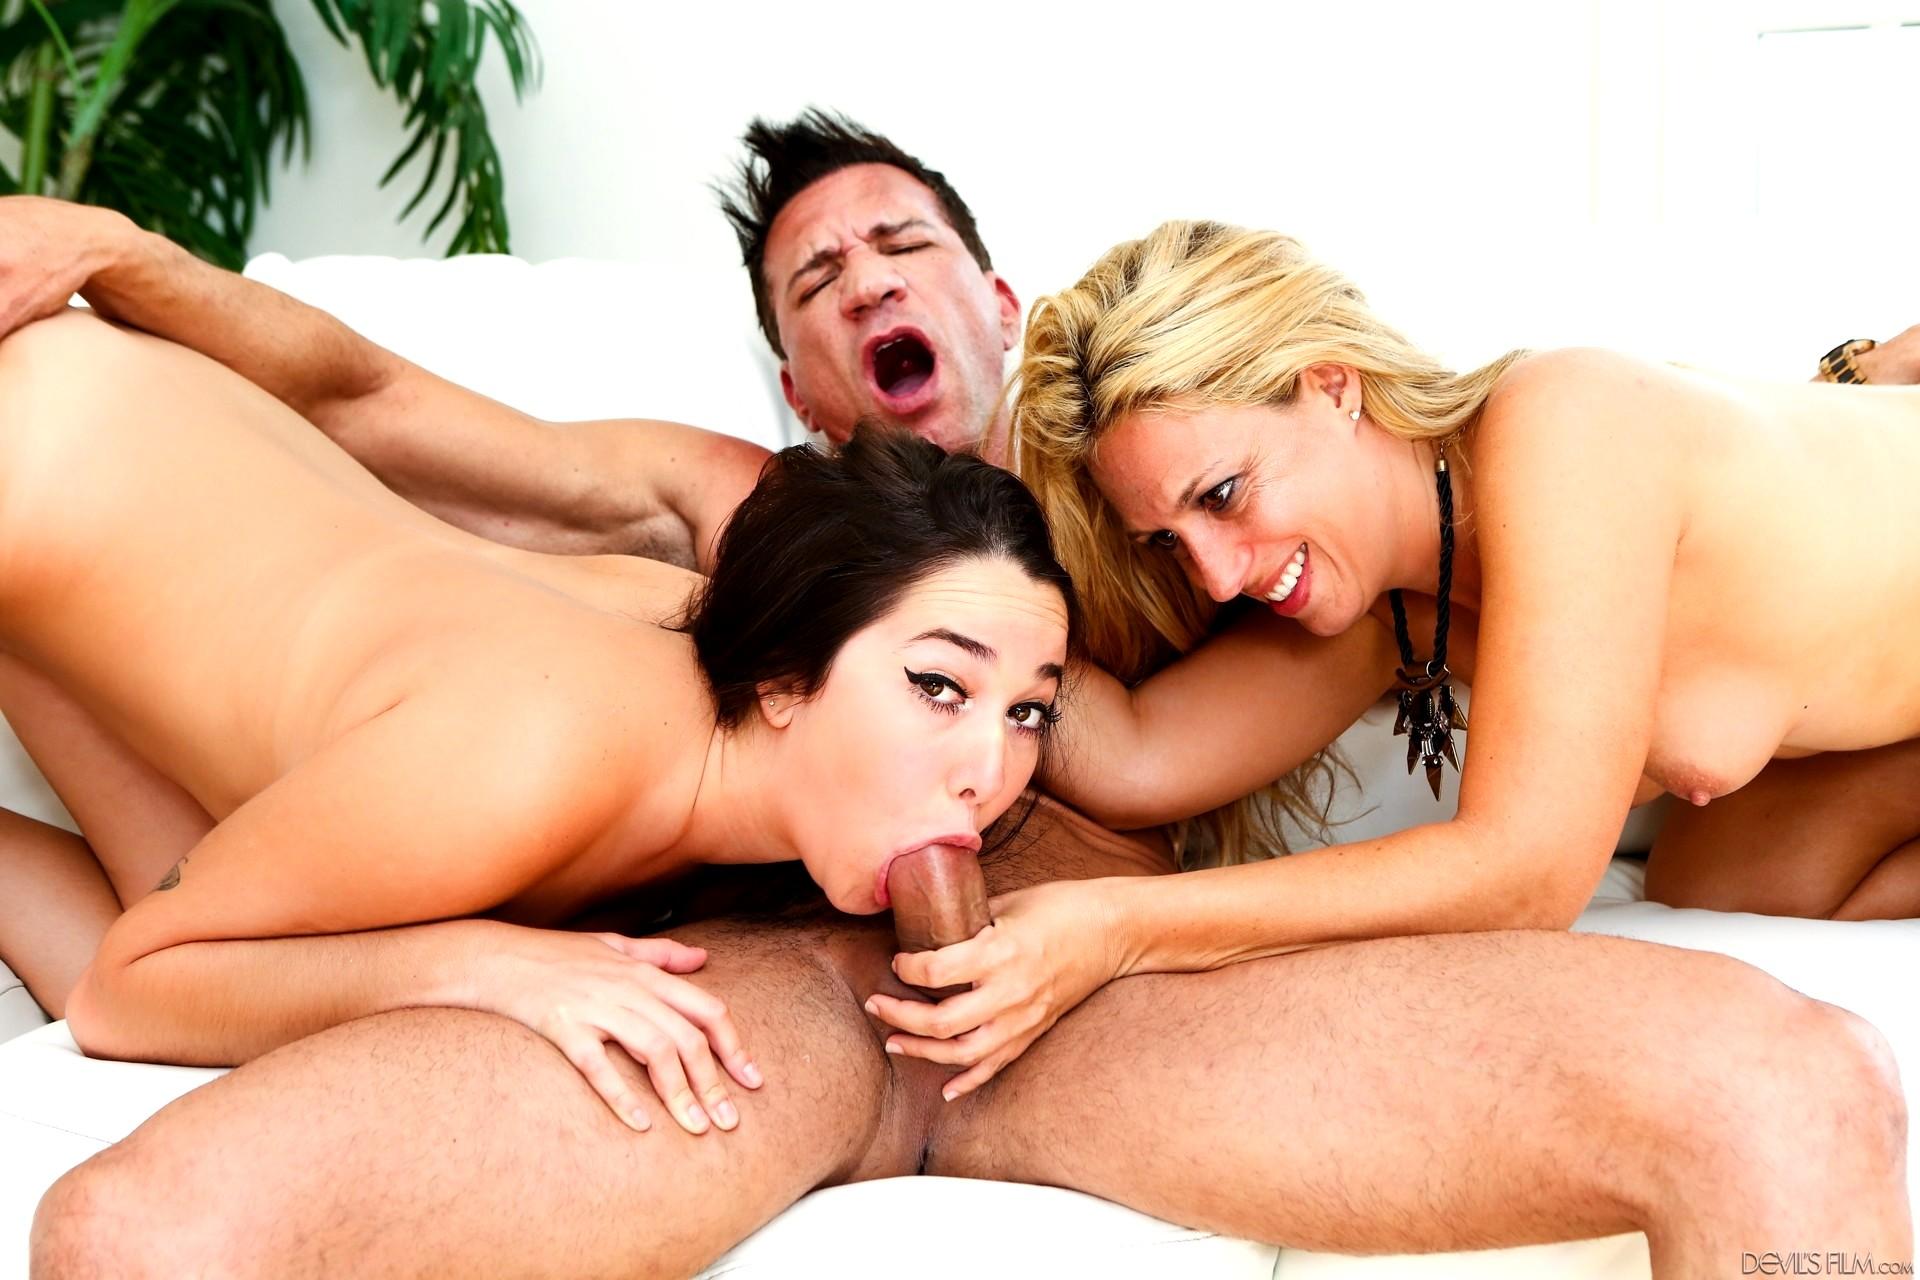 xxx sexcy girls image